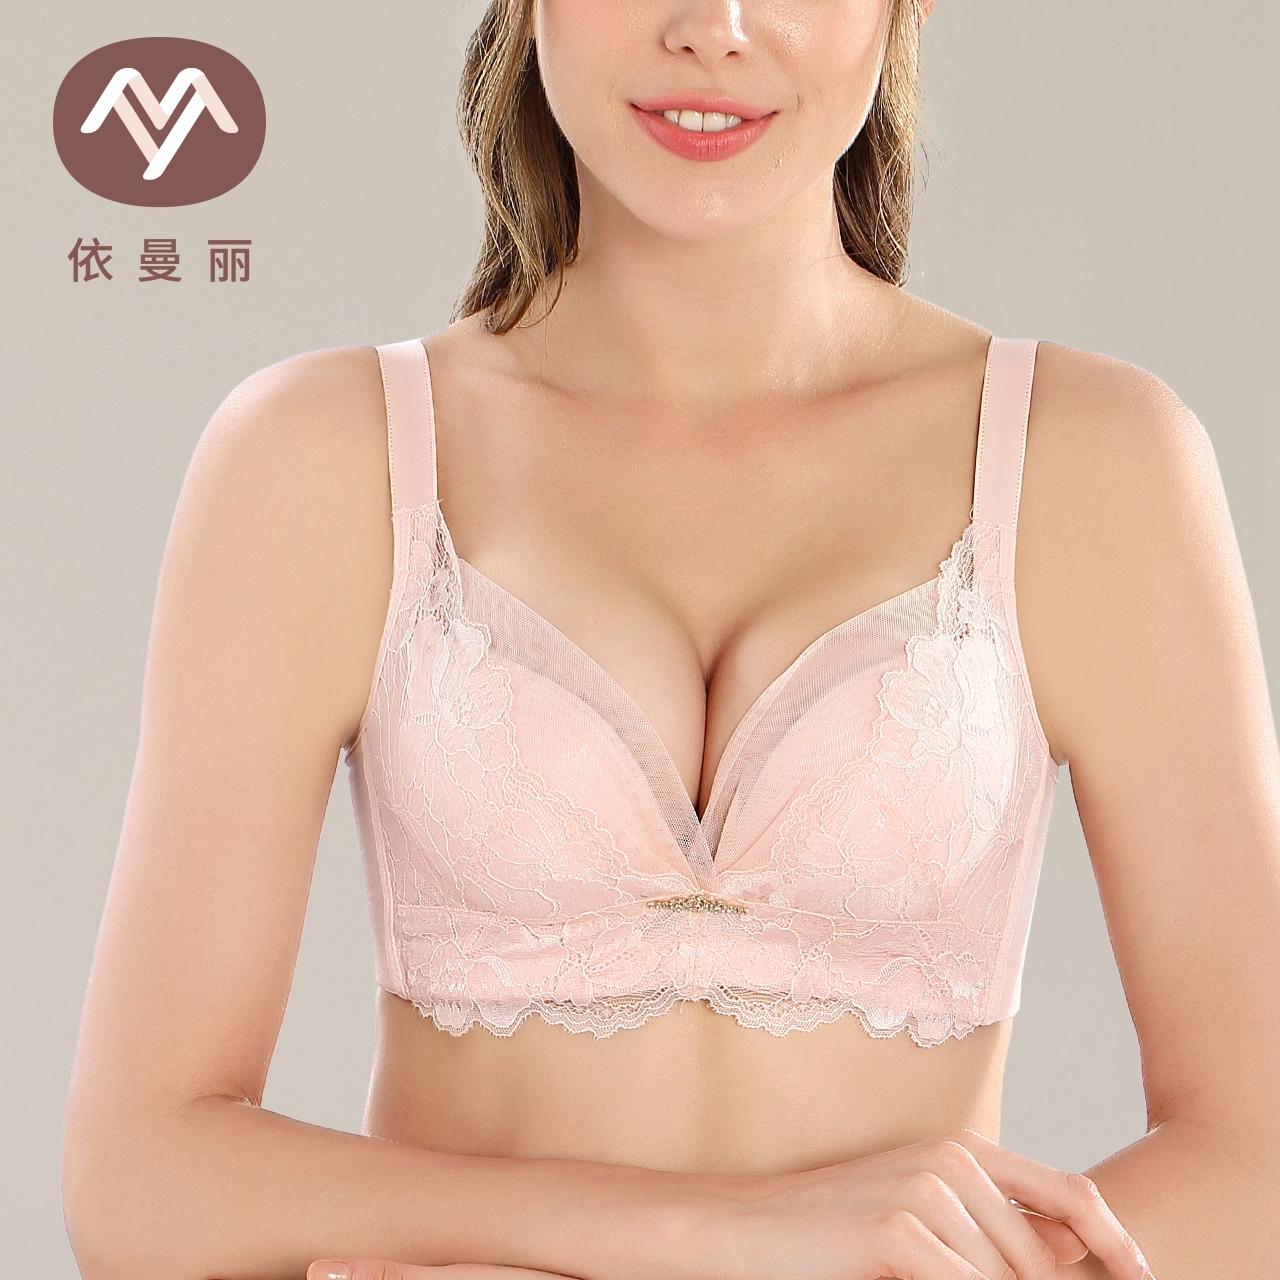 依曼丽无钢圈调整型文胸 性感深V聚拢侧收女内衣中厚模杯YK16832